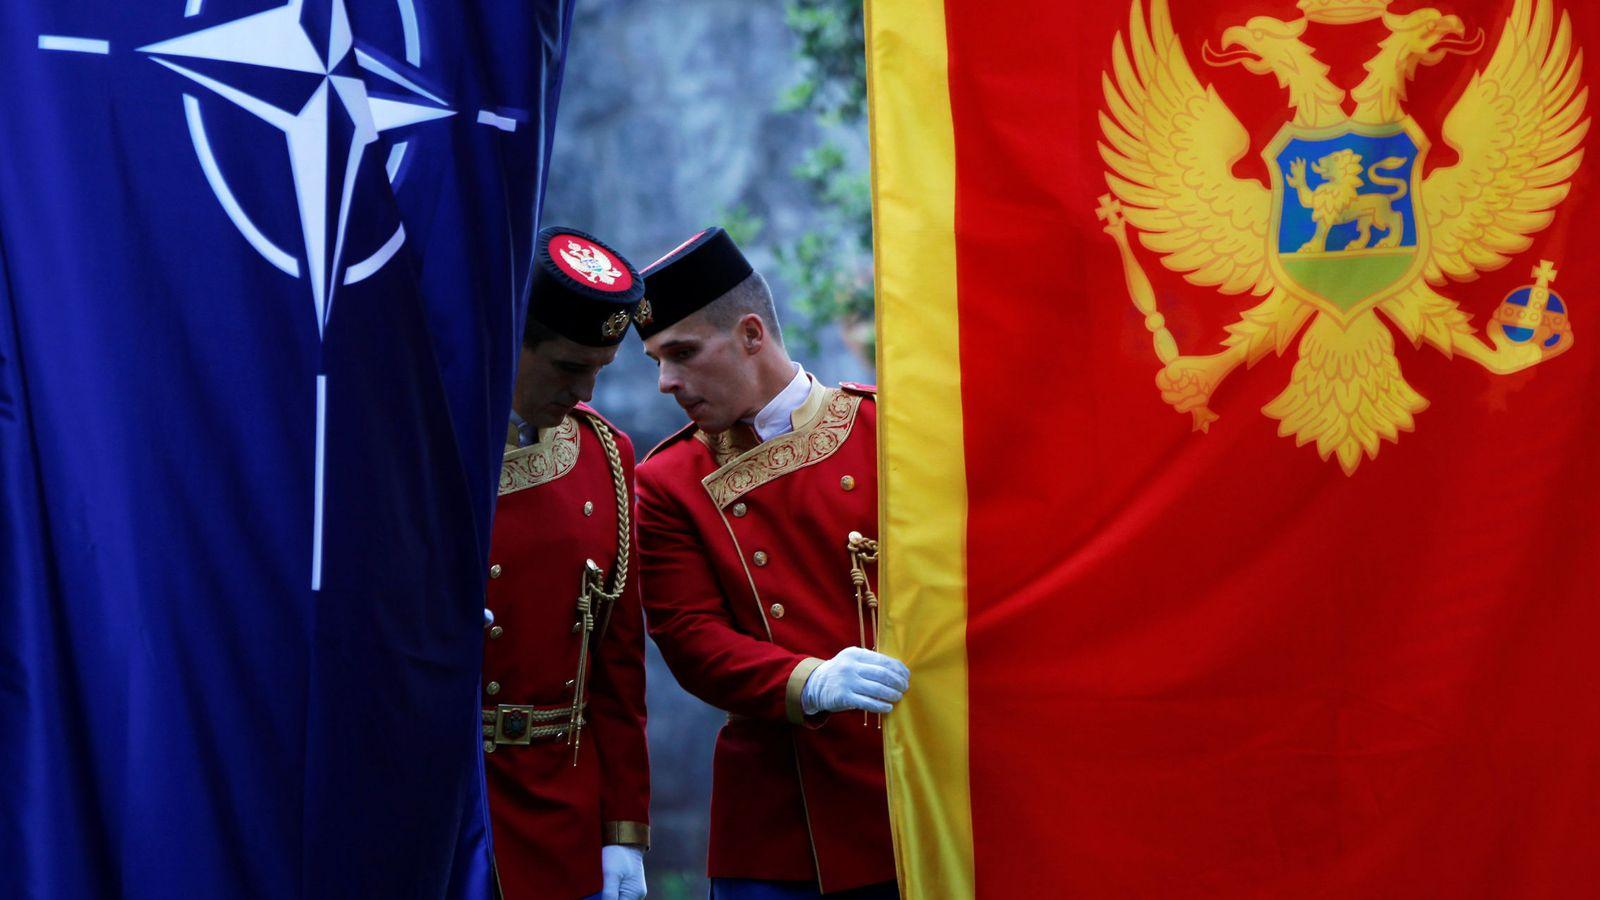 Foto: La guardia de honor montenegrina inspecciona las banderas del país y de la OTAN antes de una ceremonia en Podgorica, el 7 de junio de 2017. (Reuters)